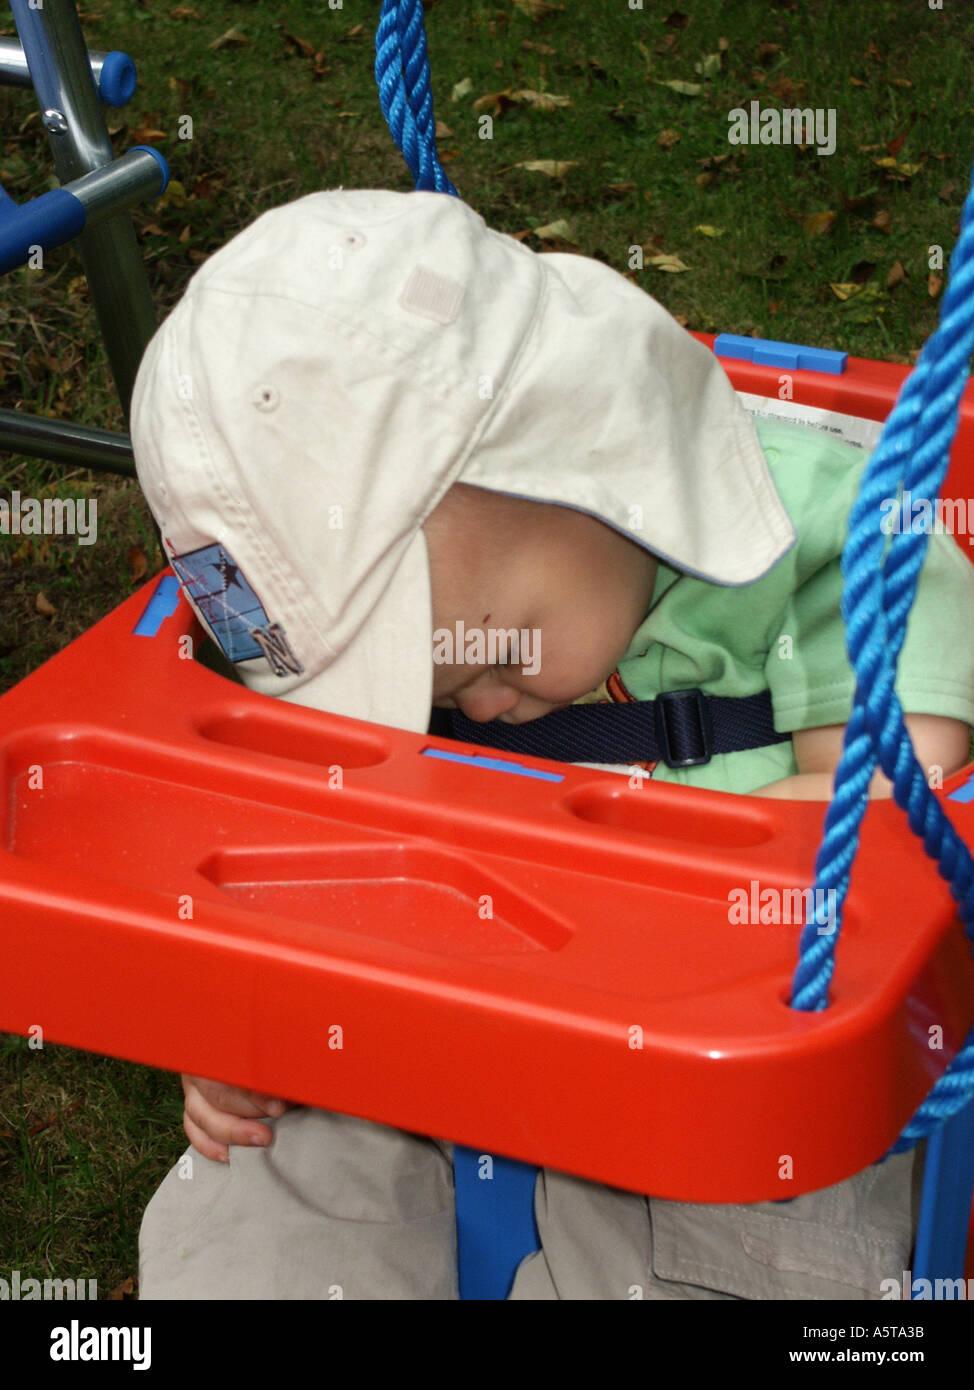 Pequeño niño dormido en un jardín rojo columpio vistiendo un ...